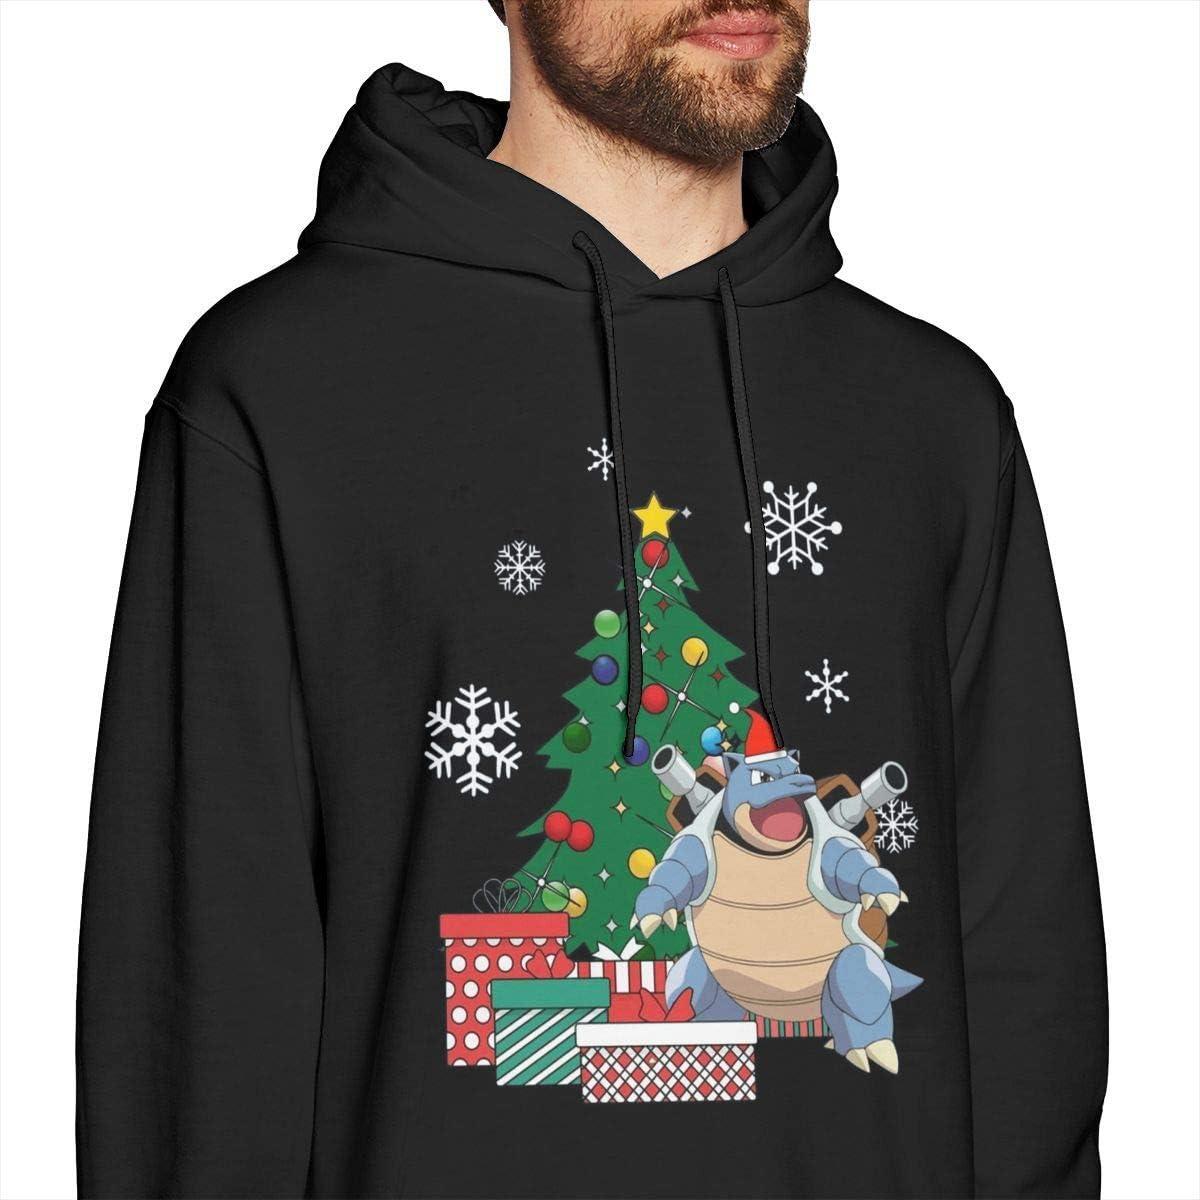 Dragon Ball Z Weihnachtskranz Muster Herren Pullover Hoodies Rundhals-Sweatshirt mit Rundhalsausschnitt Schwarz Xxx-large|style5